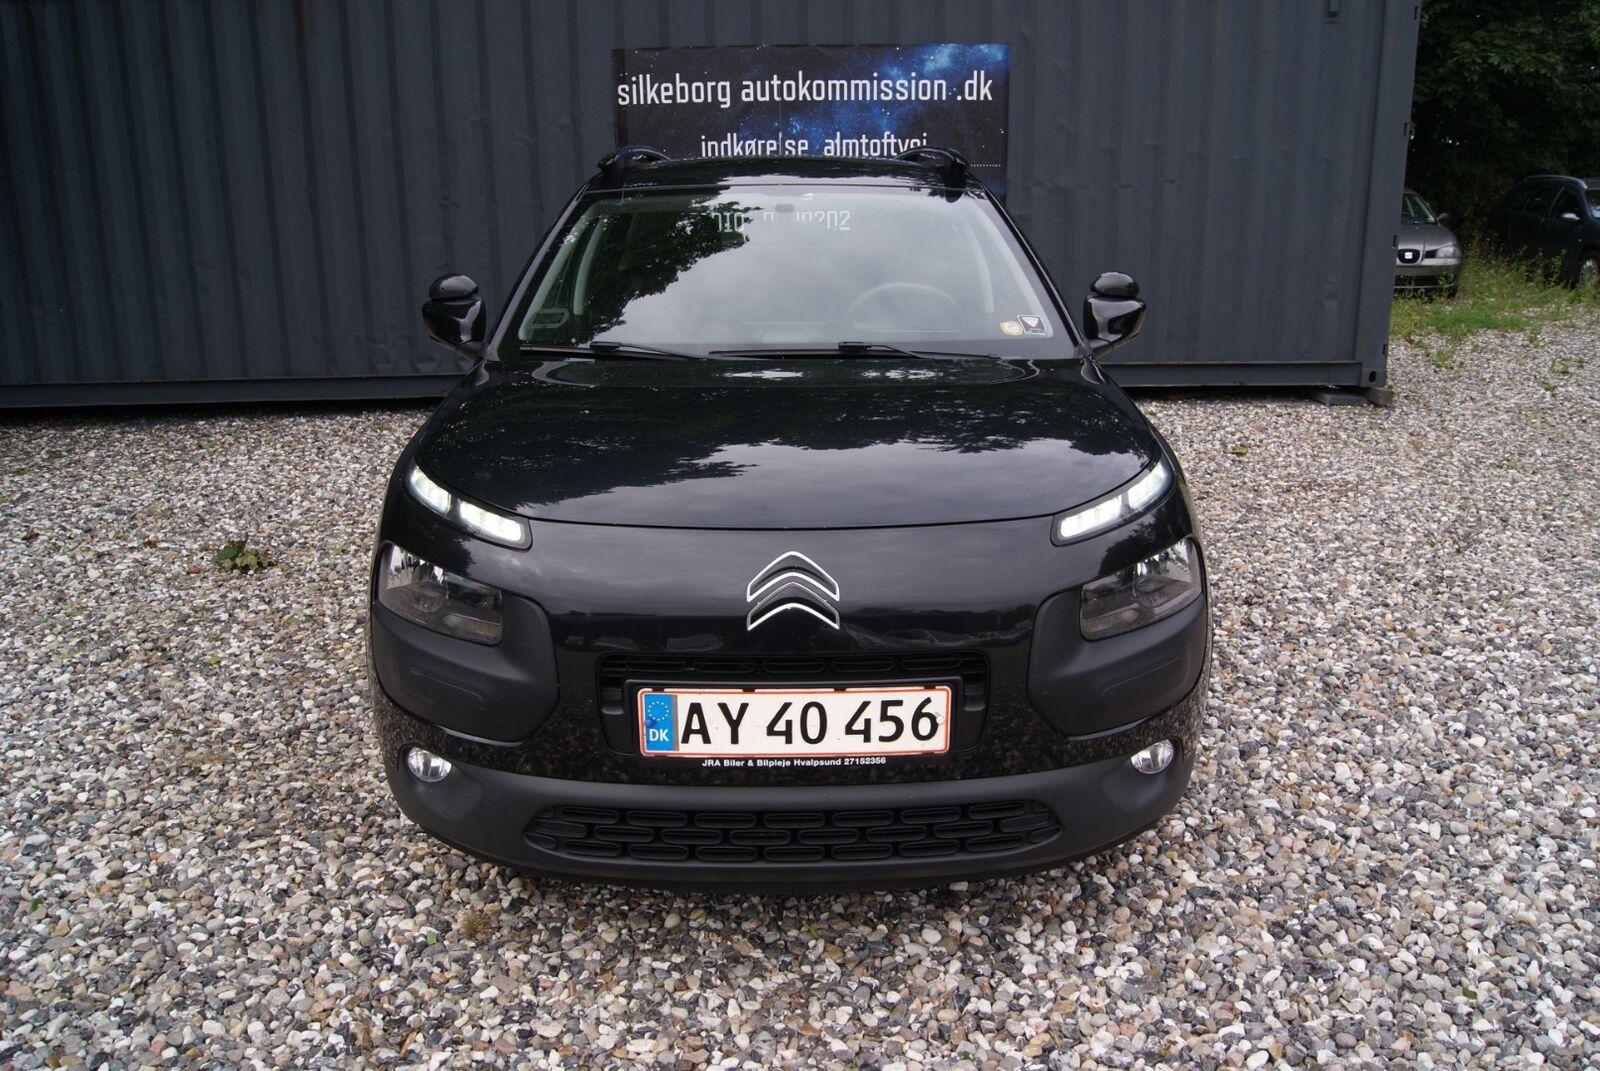 Citroën C4 Cactus 1,2 PureTech 82 Feel ETG 5d - 90.000 kr.